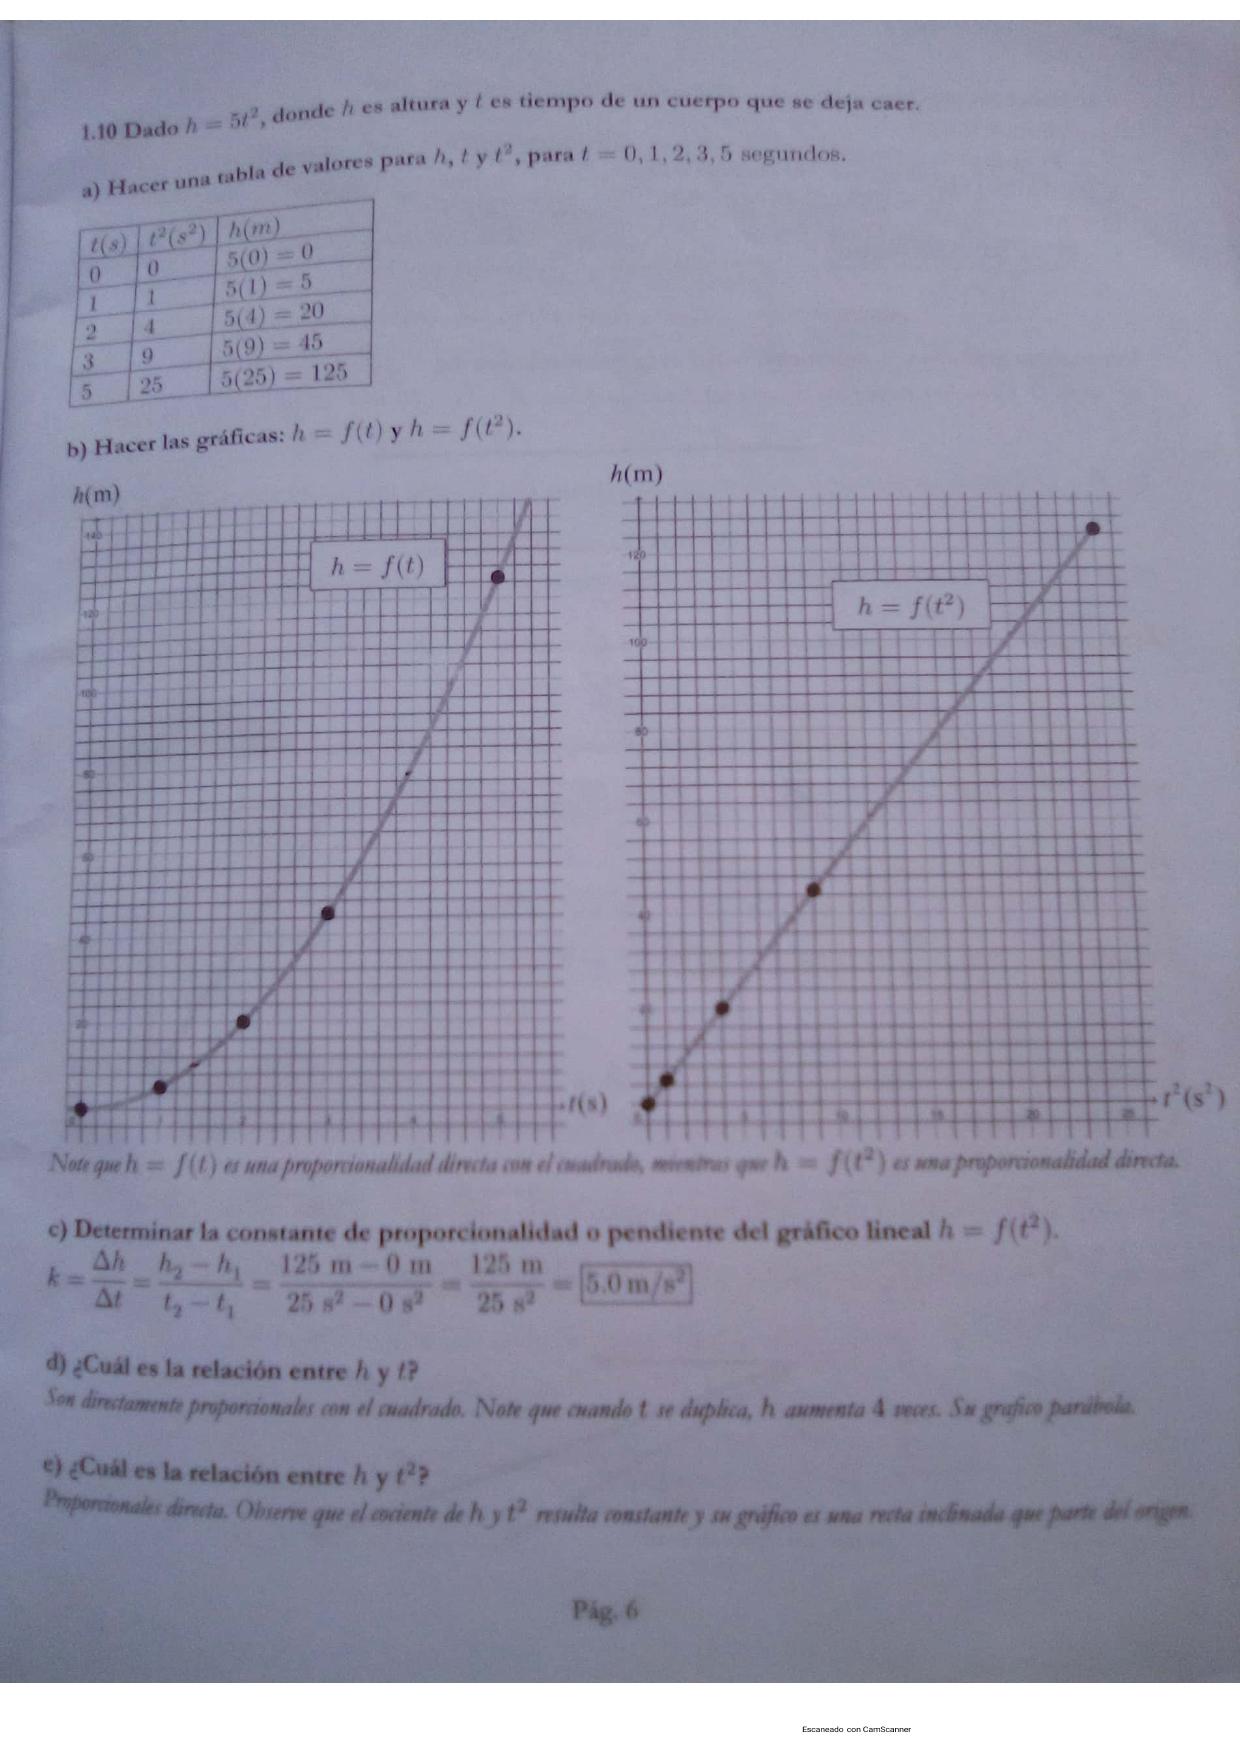 cuaderno-de-trabajo-f-sica-b-sica-page-0005